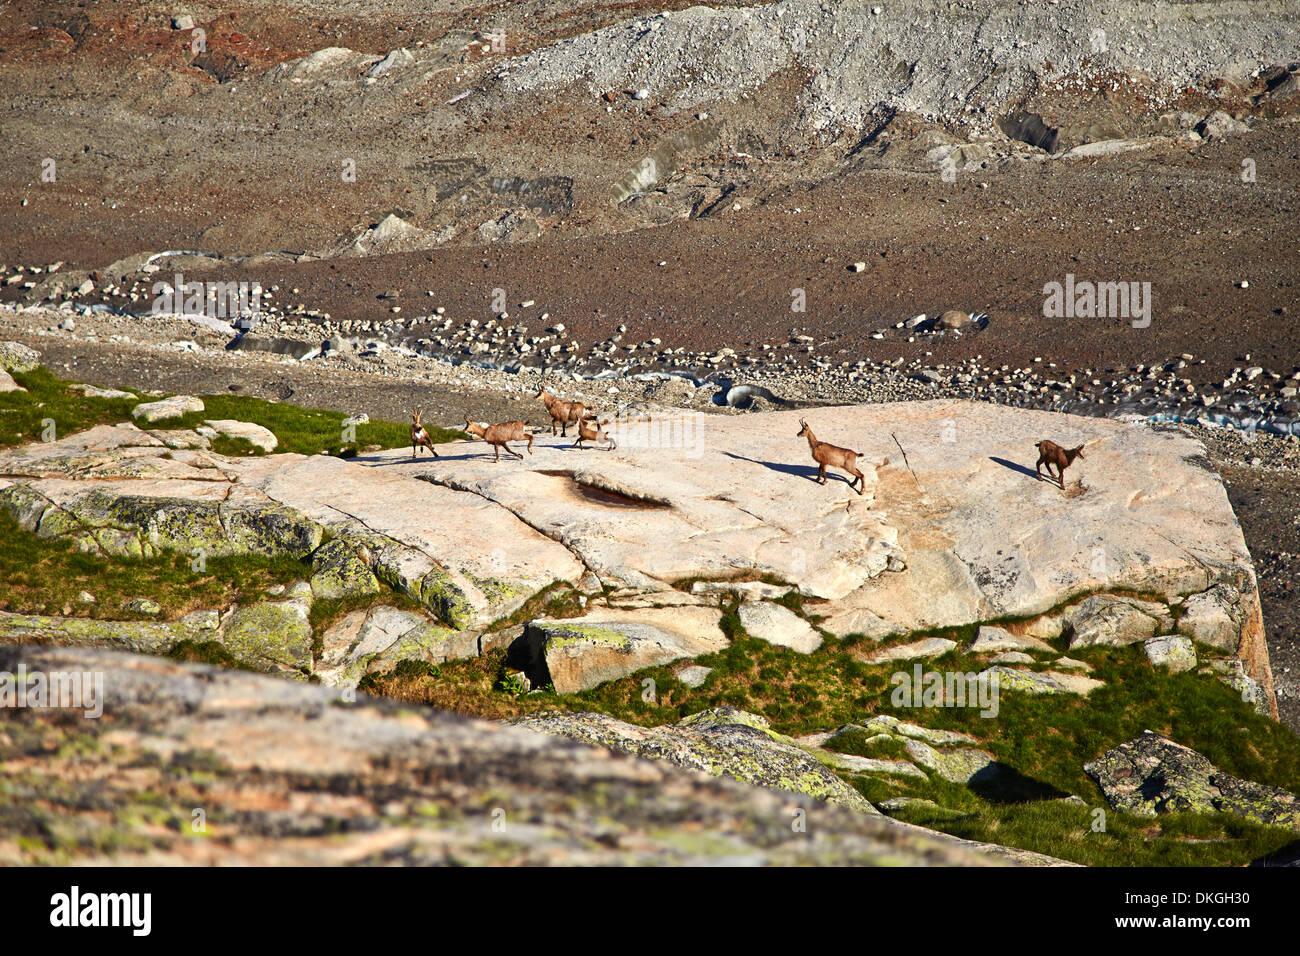 Chamois at the Salzlecke, Bernese Oberland, Switzerland Stock Photo